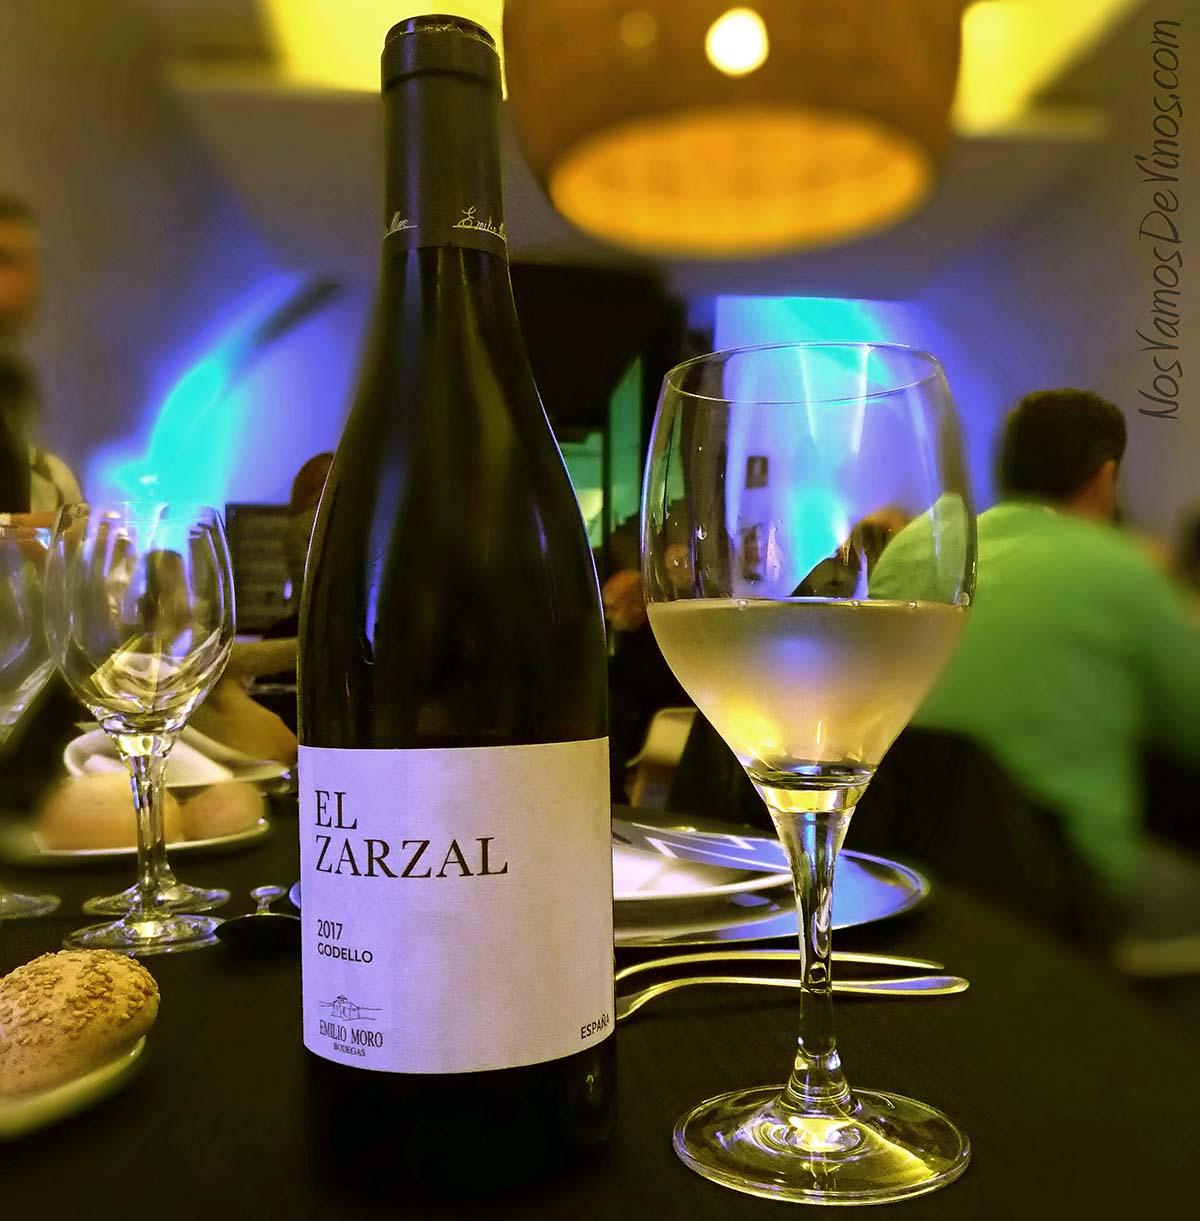 El-Zarzal-2017-Godello-Emilio-Moro-vino